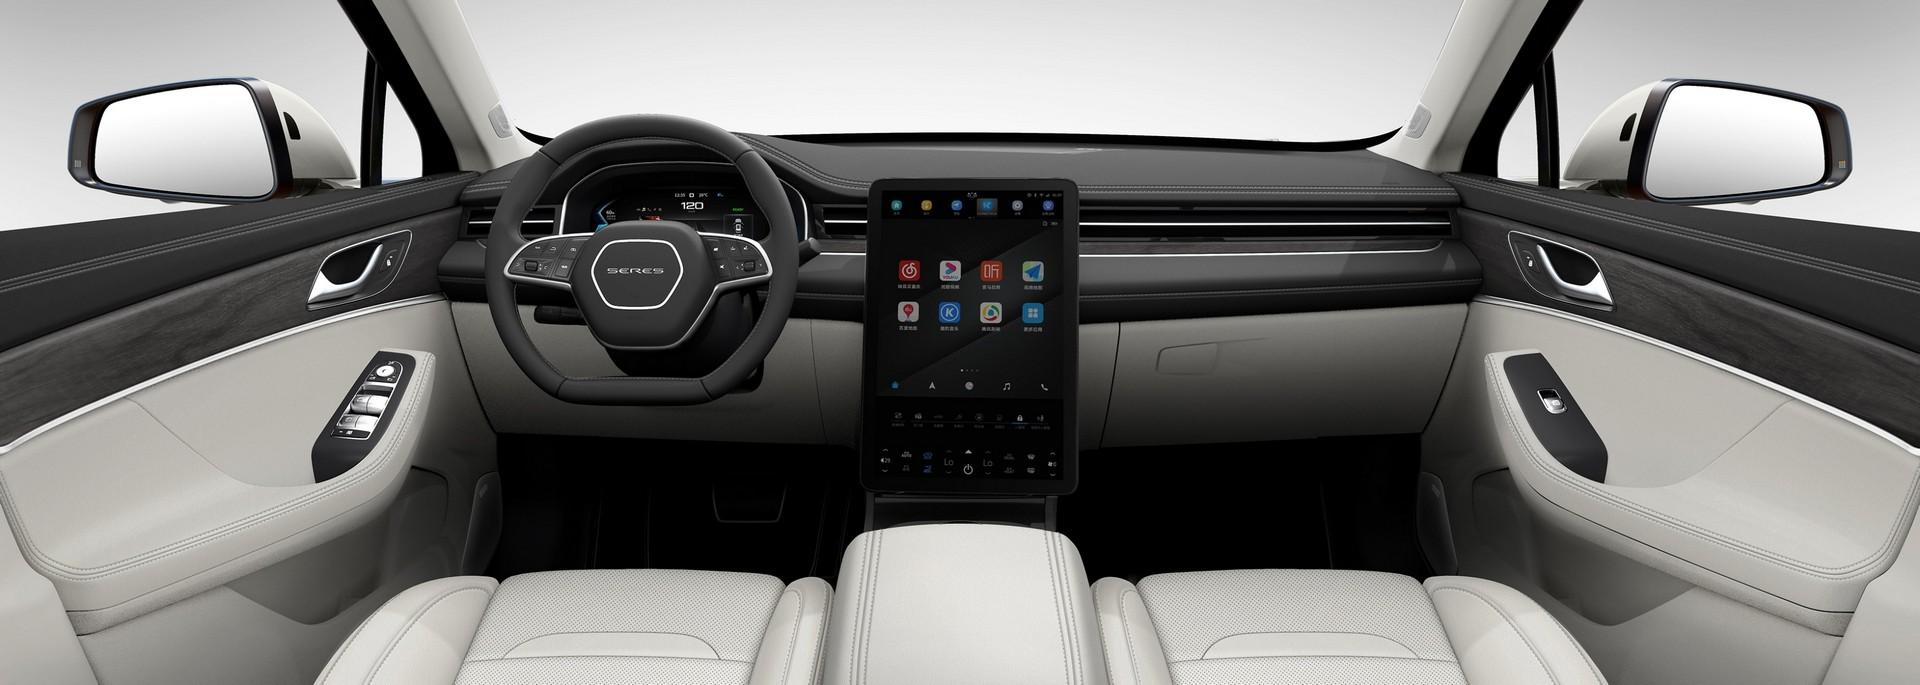 Trong khi Xiaomi mới vẽ kế hoạch, Huawei đã nhanh chân ra mắt ô tô điện đầu tiên - Ảnh 5.